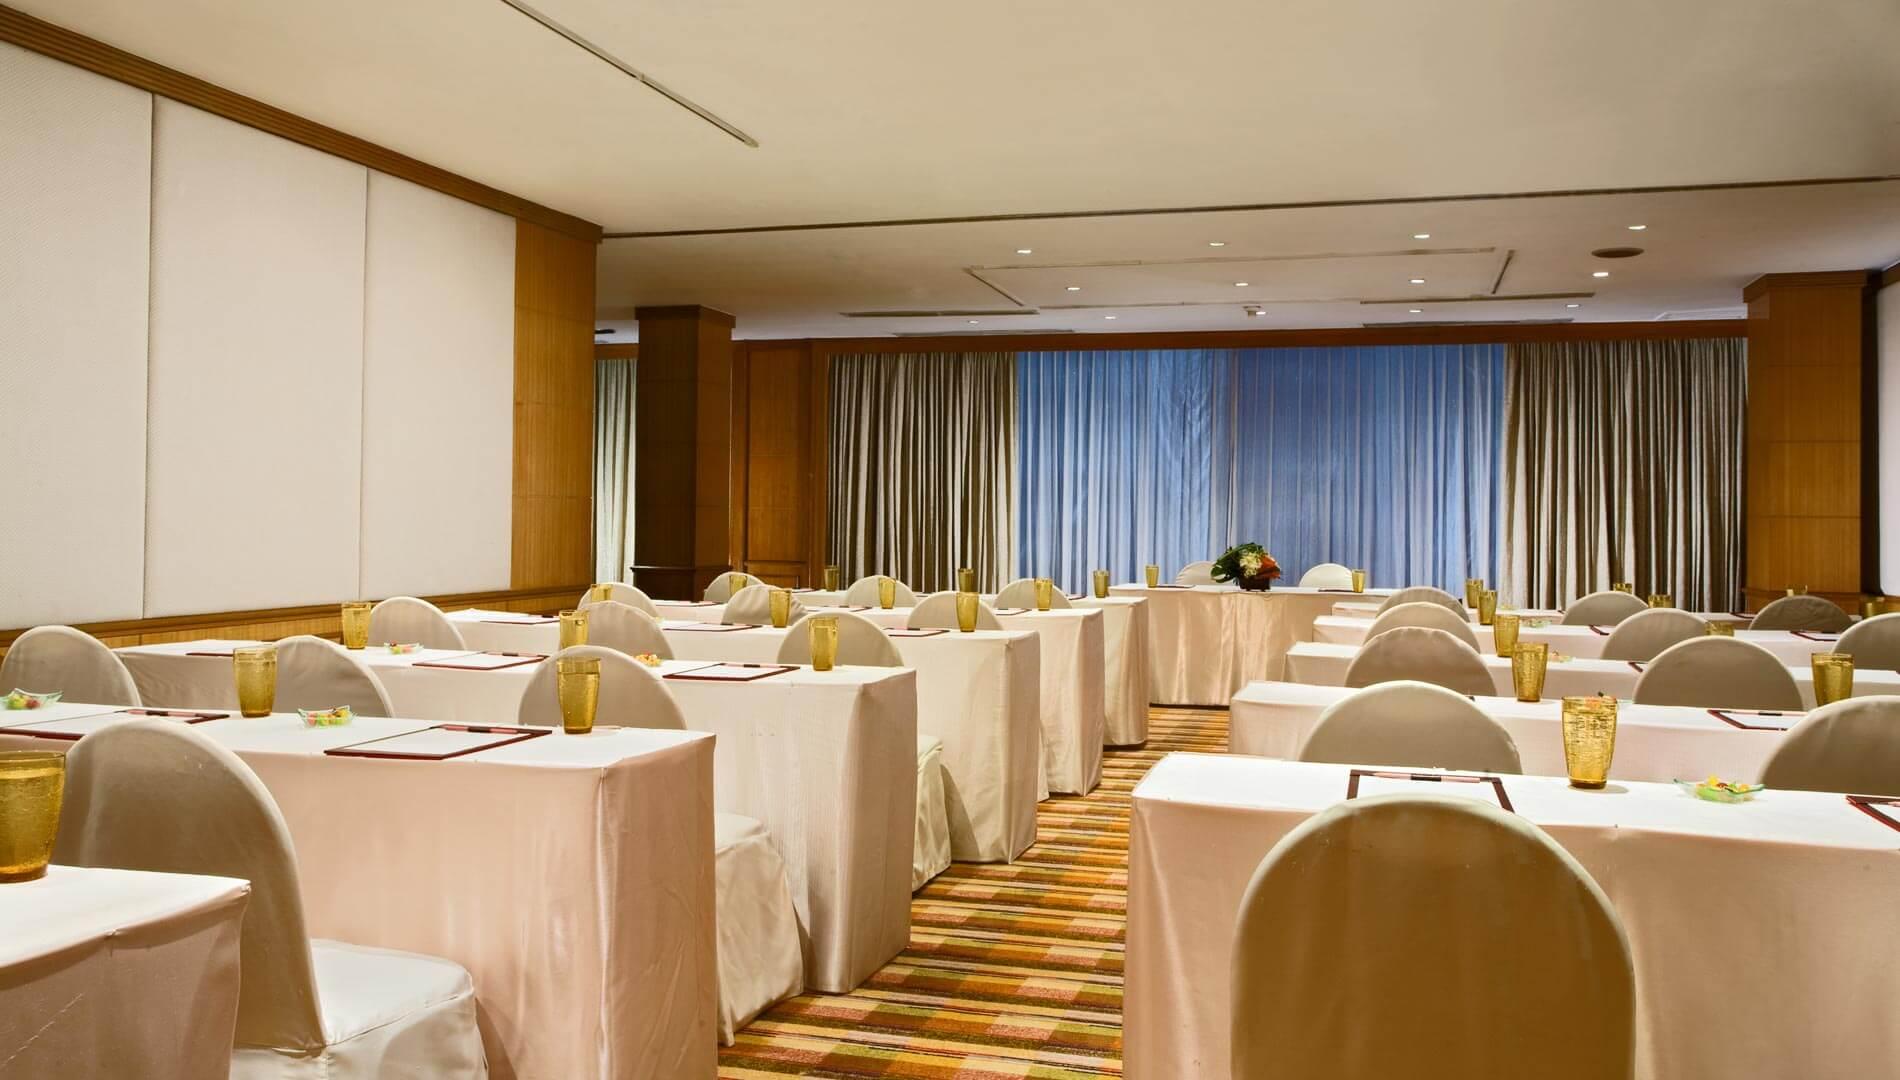 Image result for โรงแรมอมารี บูเลอวาร์ด แบงค์คอก ห้อประชุม